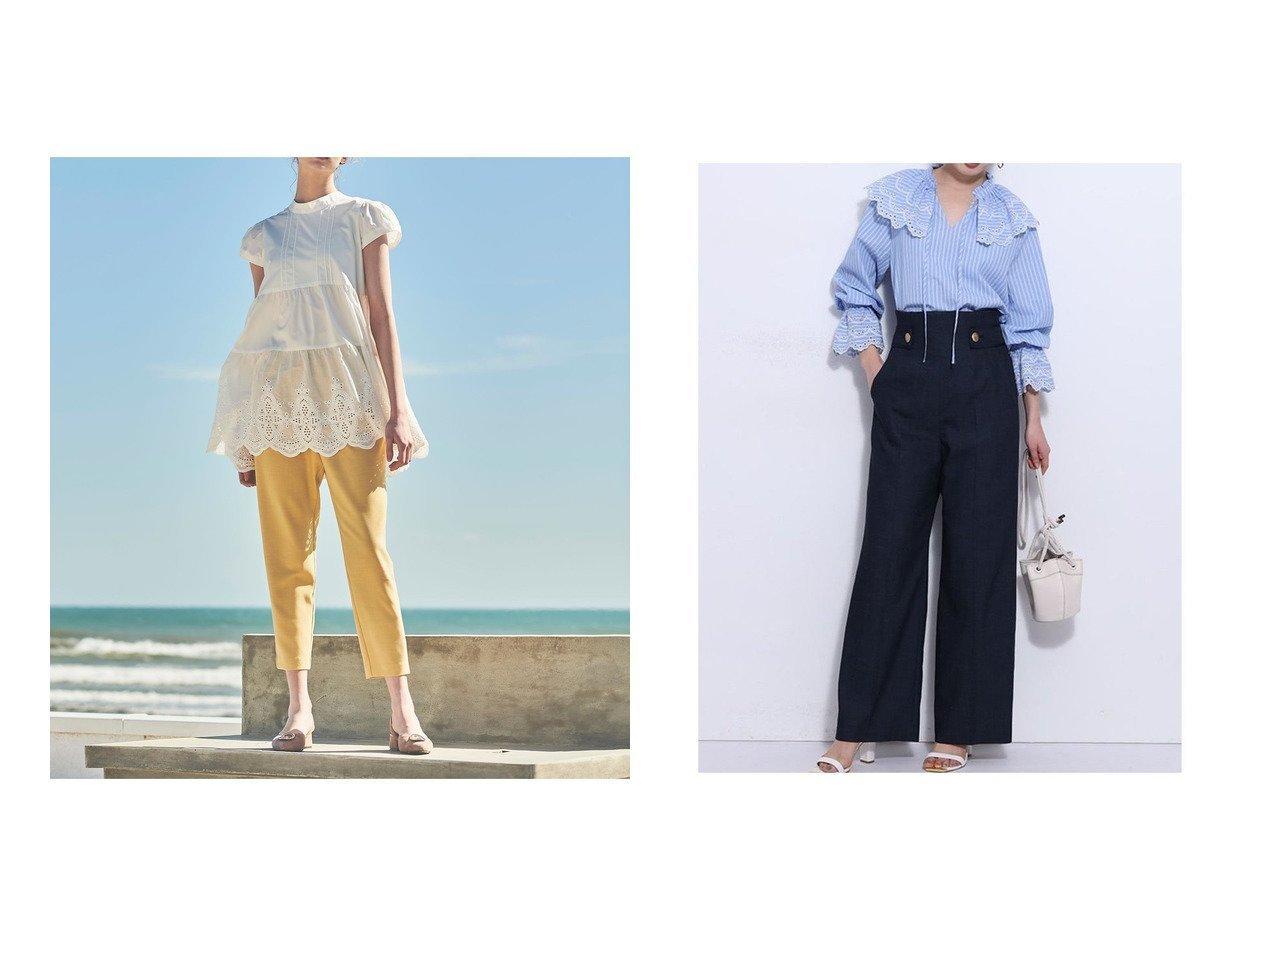 【Mystrada/マイストラーダ】の【生産】マリンワイドパンツ&【Noela/ノエラ】のハイウエストパンツ 【パンツ】おすすめ!人気、トレンド・レディースファッションの通販 おすすめで人気の流行・トレンド、ファッションの通販商品 インテリア・家具・メンズファッション・キッズファッション・レディースファッション・服の通販 founy(ファニー) https://founy.com/ ファッション Fashion レディースファッション WOMEN パンツ Pants おすすめ Recommend チュニック トレンド 夏 Summer メタル ワイド  ID:crp329100000051203